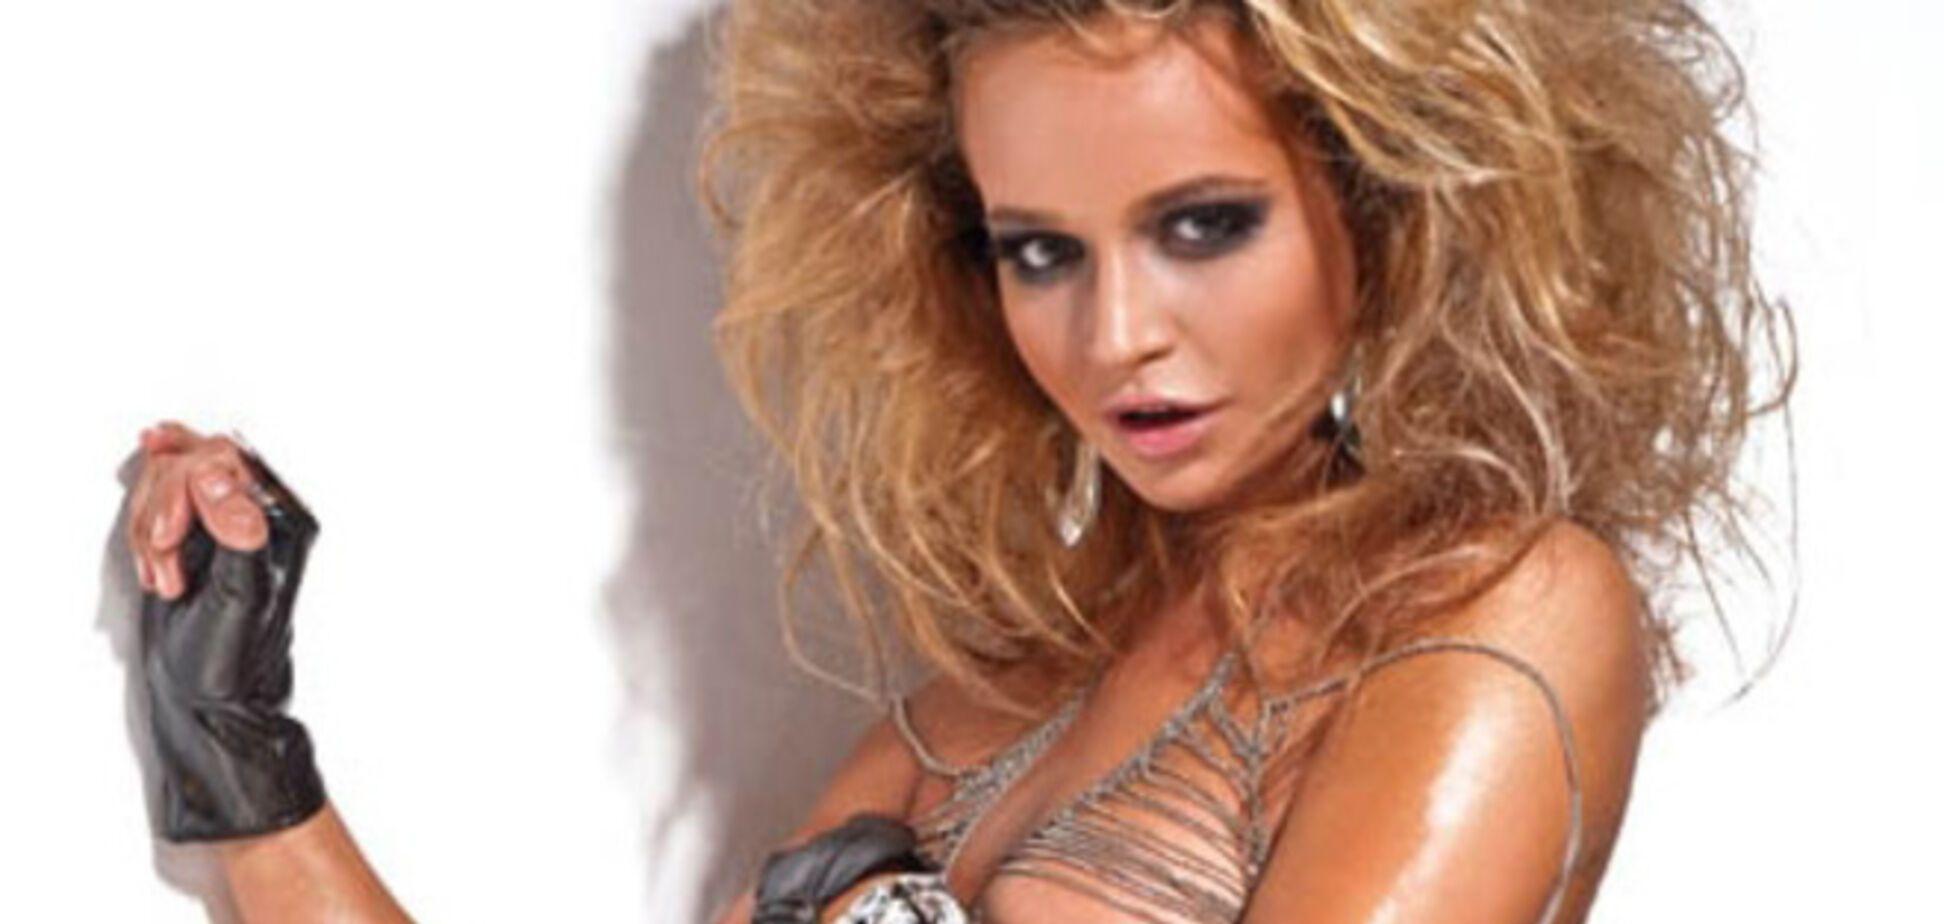 Внучка экс-премьера Украины развлекается в США с секс-игрушками